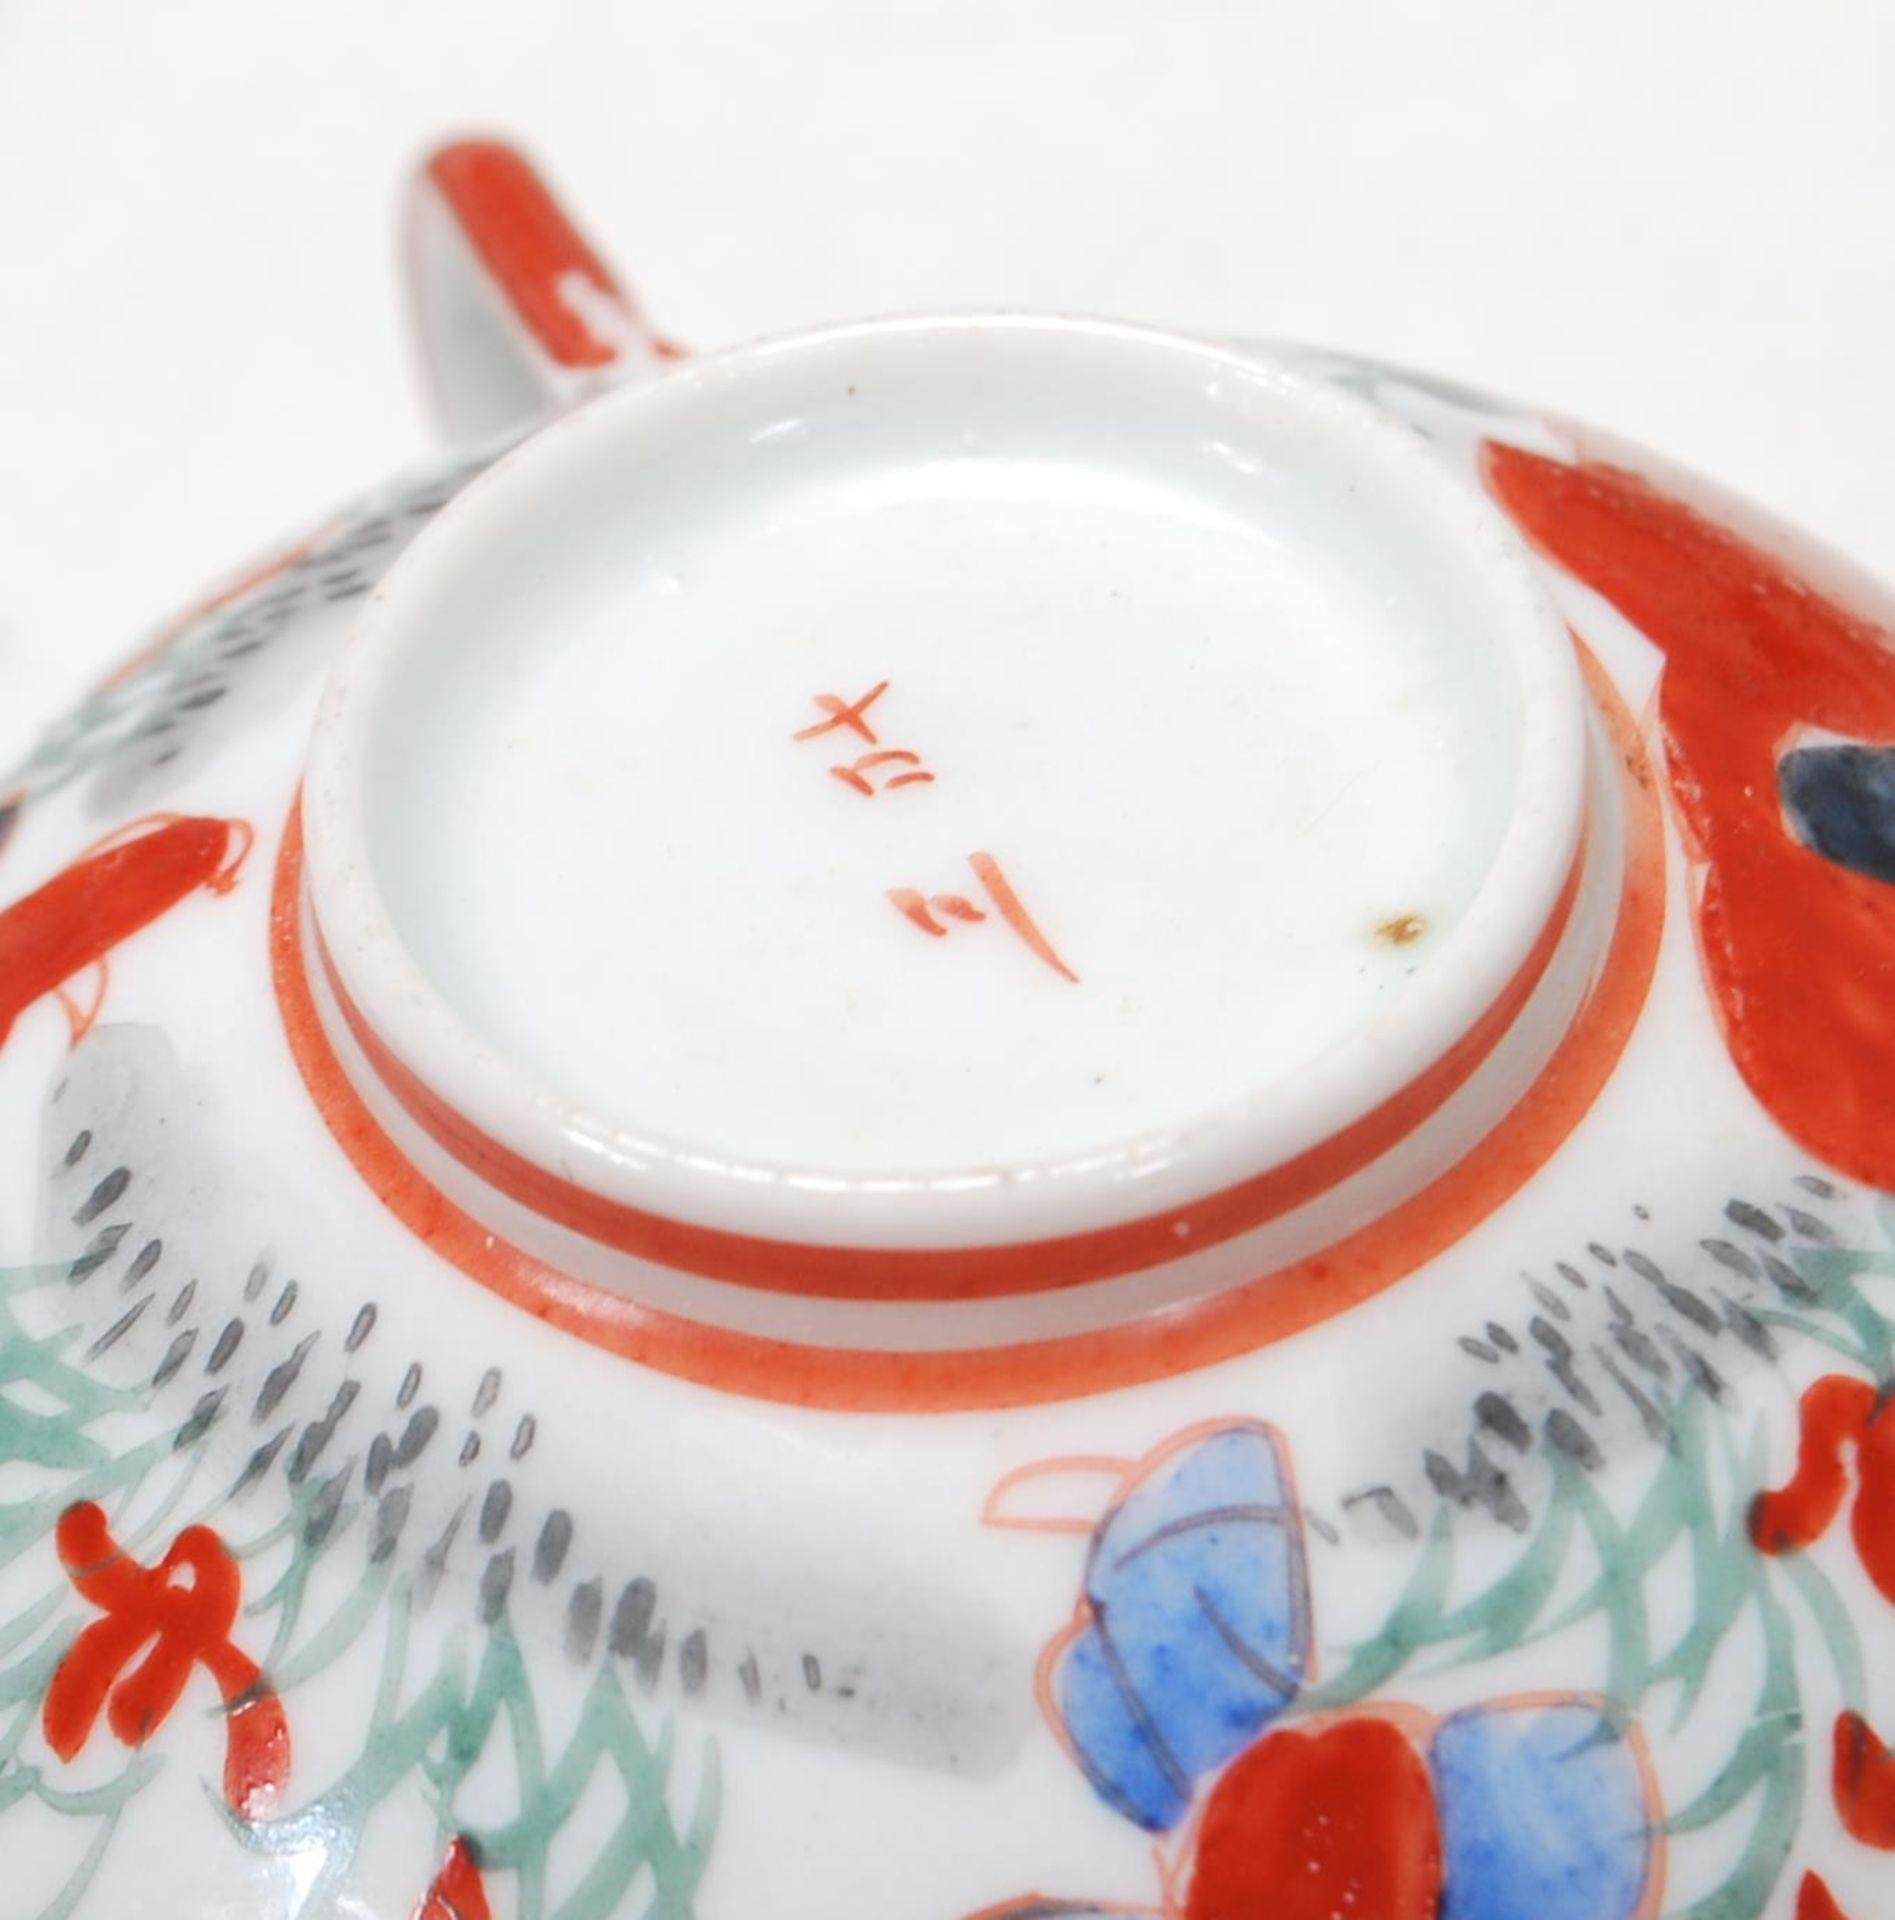 1950'S JAPANESE KUTANI TEA SETS - Image 12 of 12